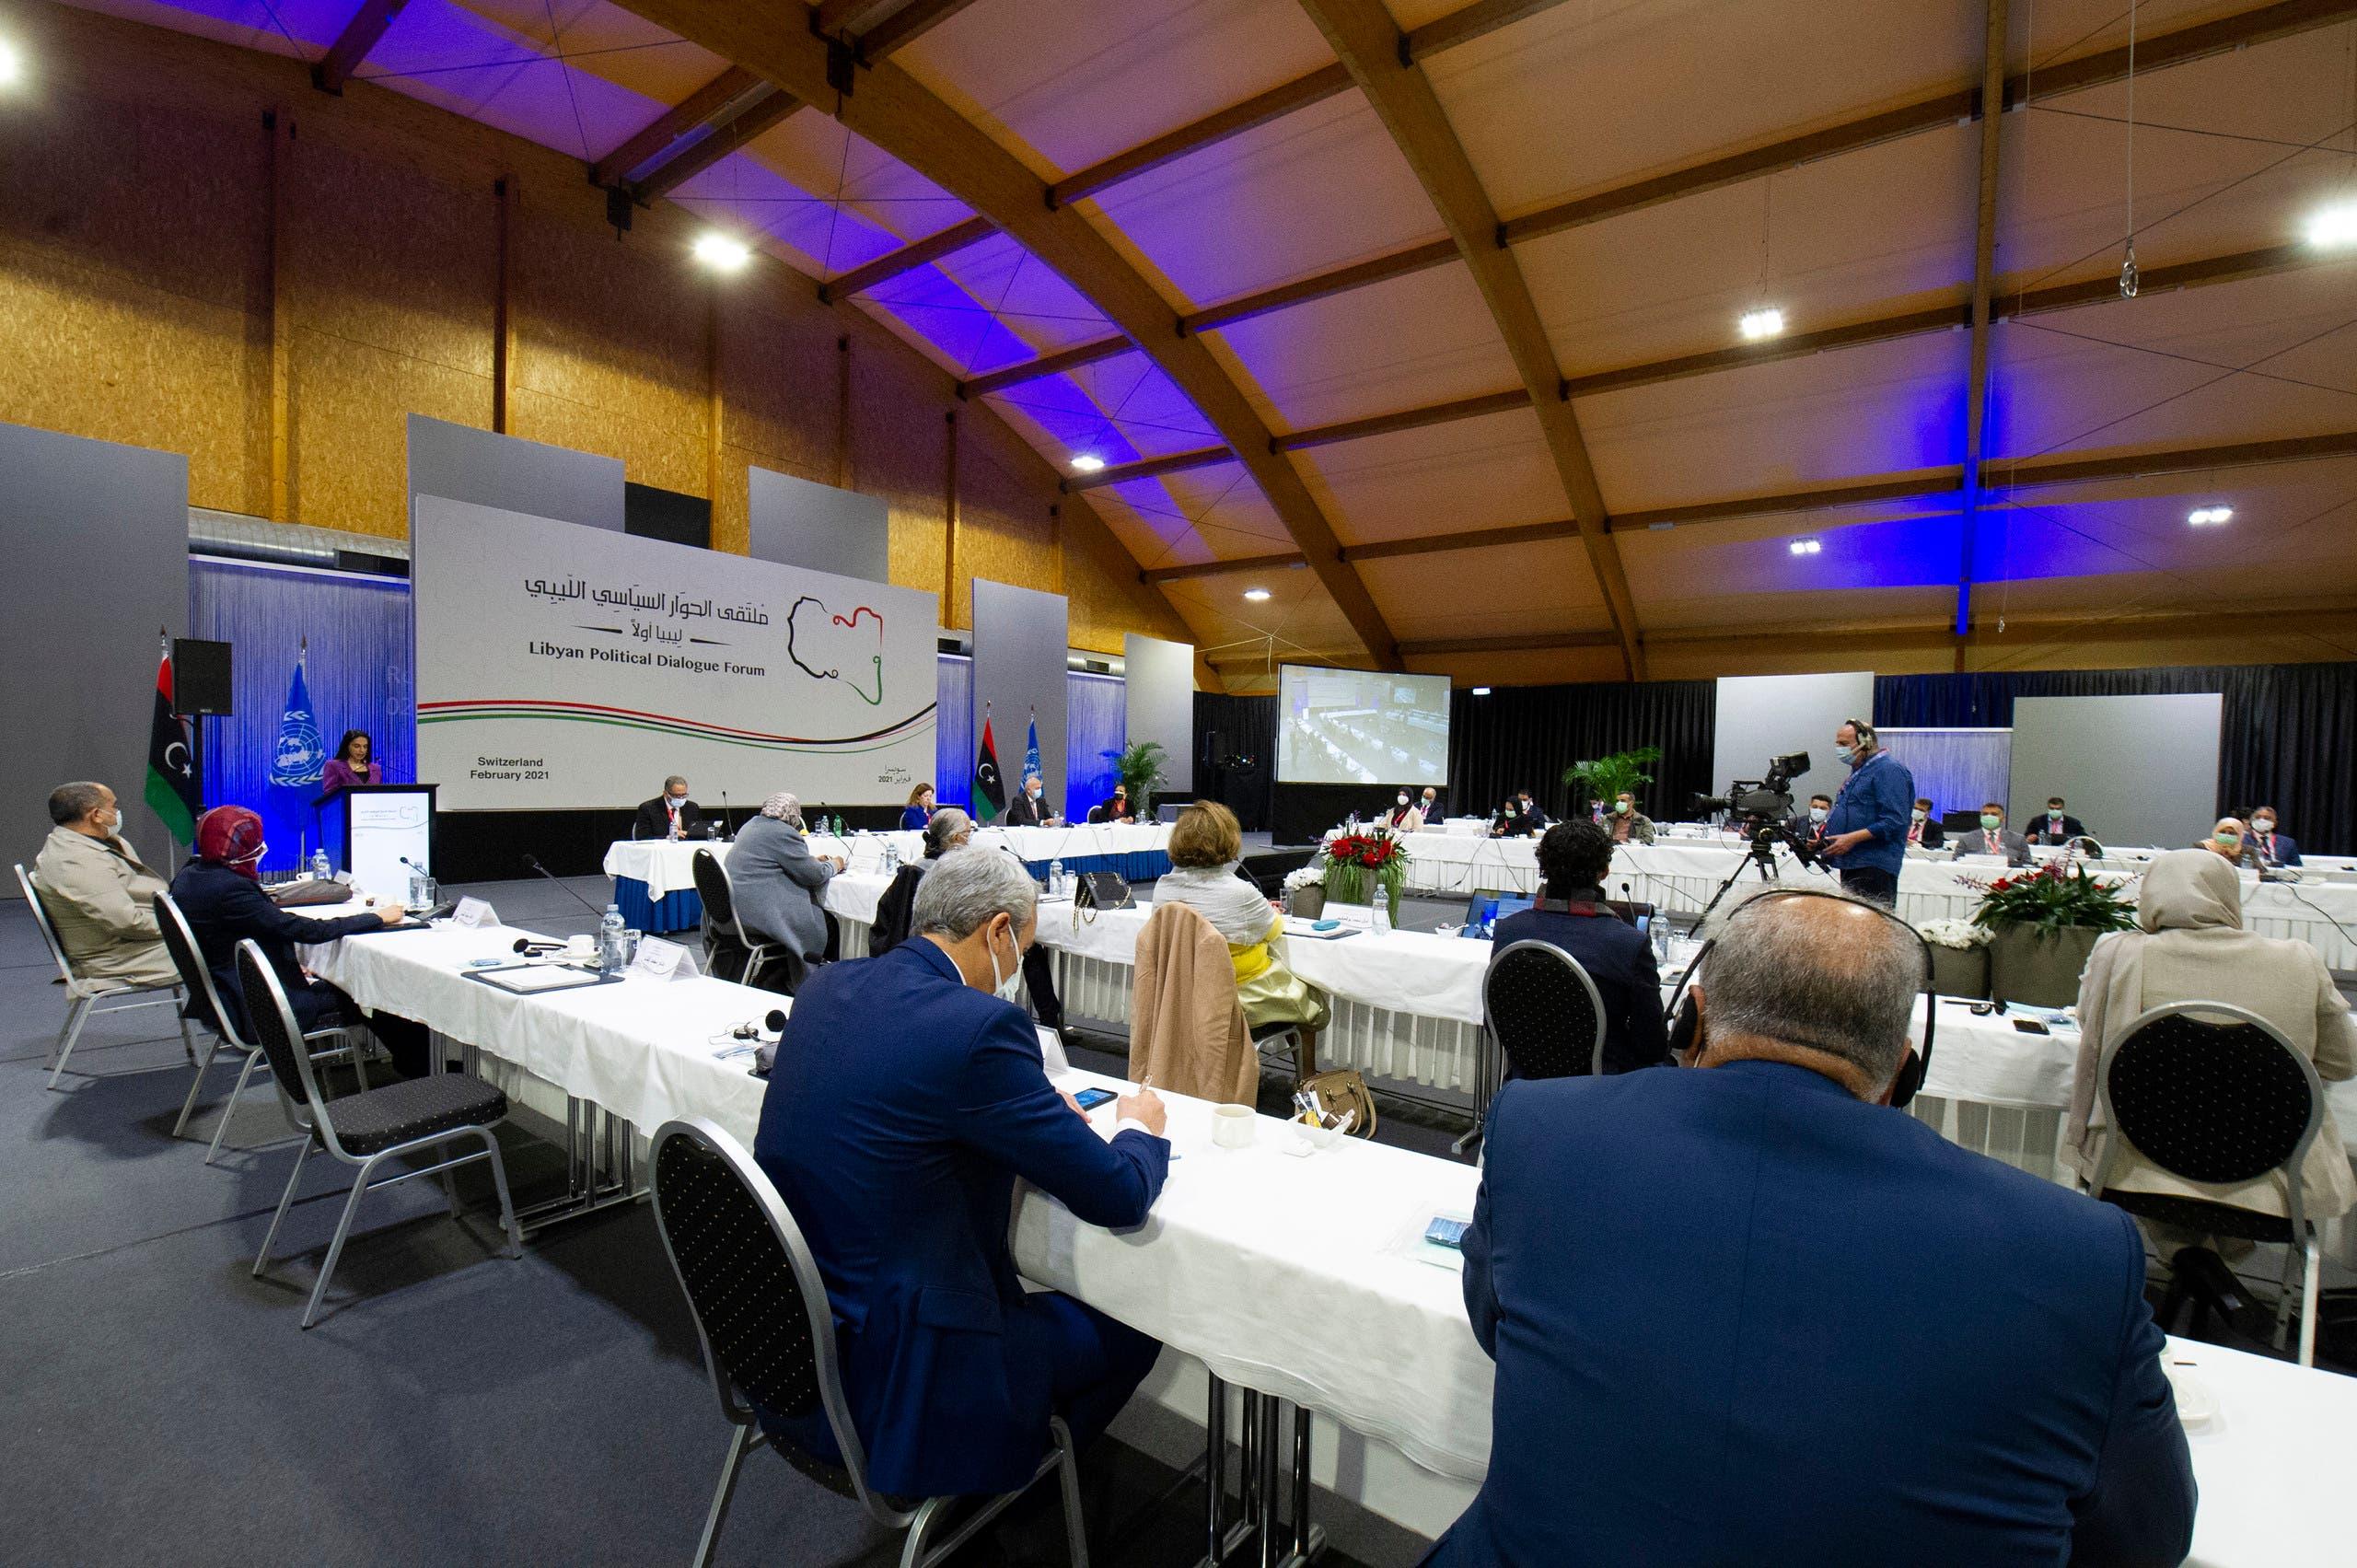 من انطلاق  منتدى الحوار السياسي الليبي